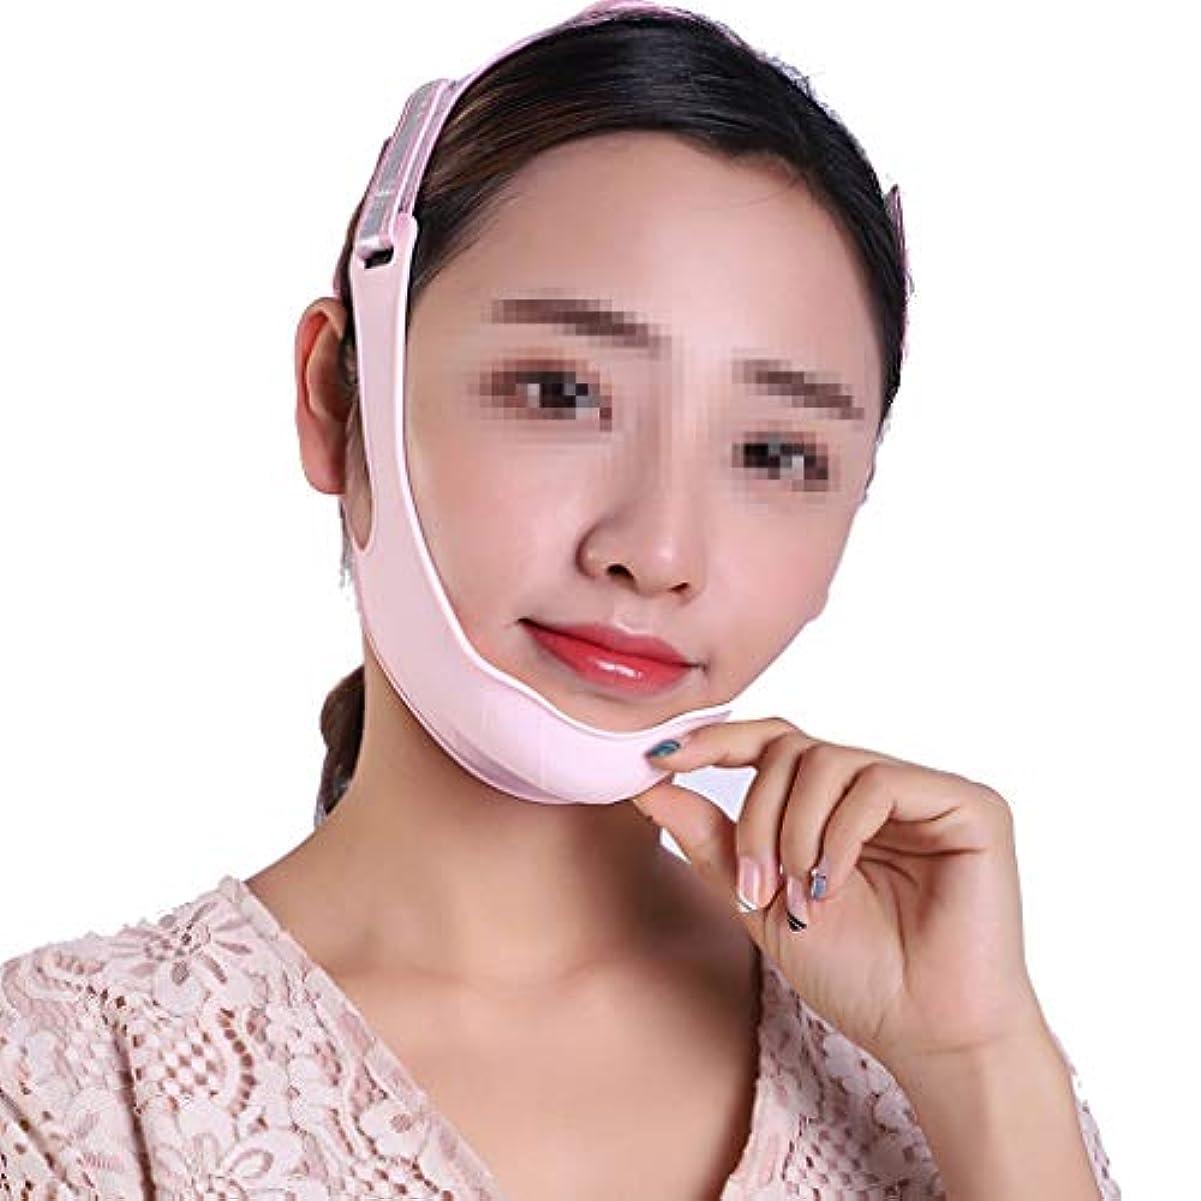 好きであるみなす判読できないXHLMRMJ シリコーンフェイスマスク、小さなv顔薄い顔包帯持ち上がる顔引き締めアーティファクトマッサージ師スキニーフェイス美容バー